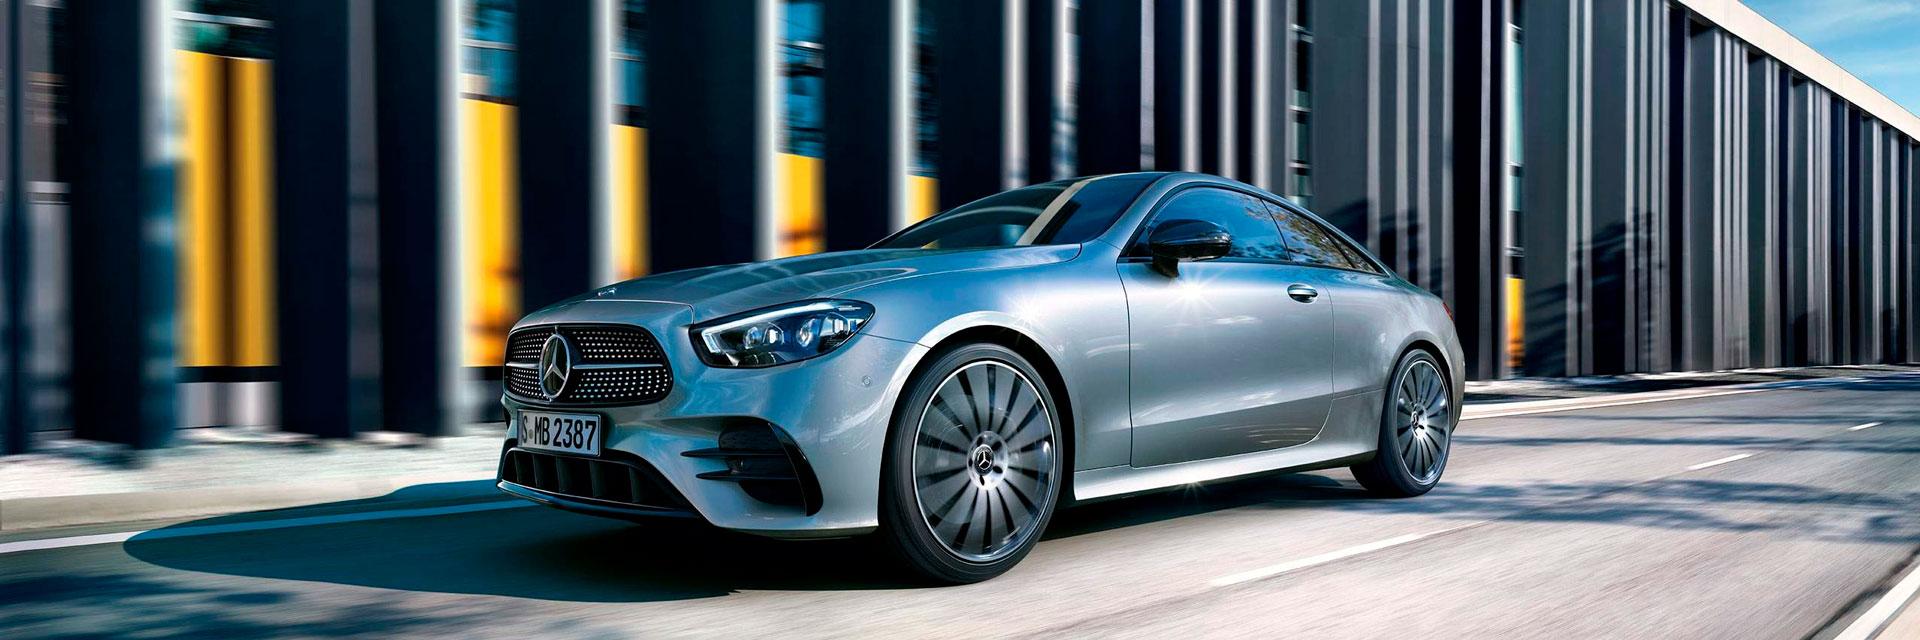 Технические данныеMercedes–Benz E–Class Coupe